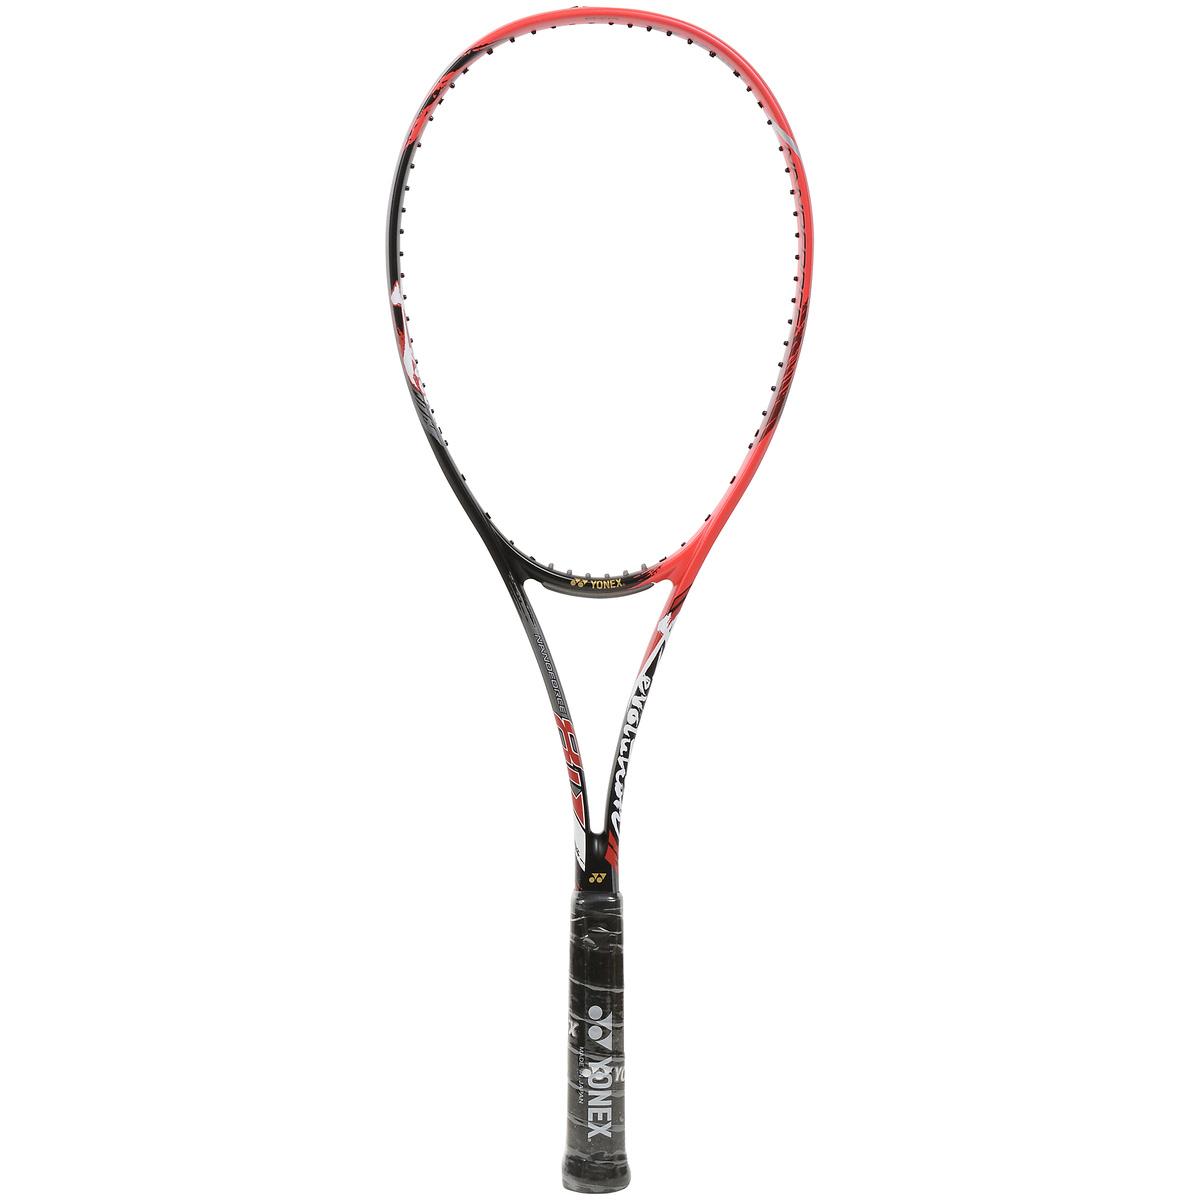 【送料無料】 YONEX (ヨネックス) 【フレームのみ】ソフトテニス フレームラケット ナノフォース8Vレブ NF8VR 596